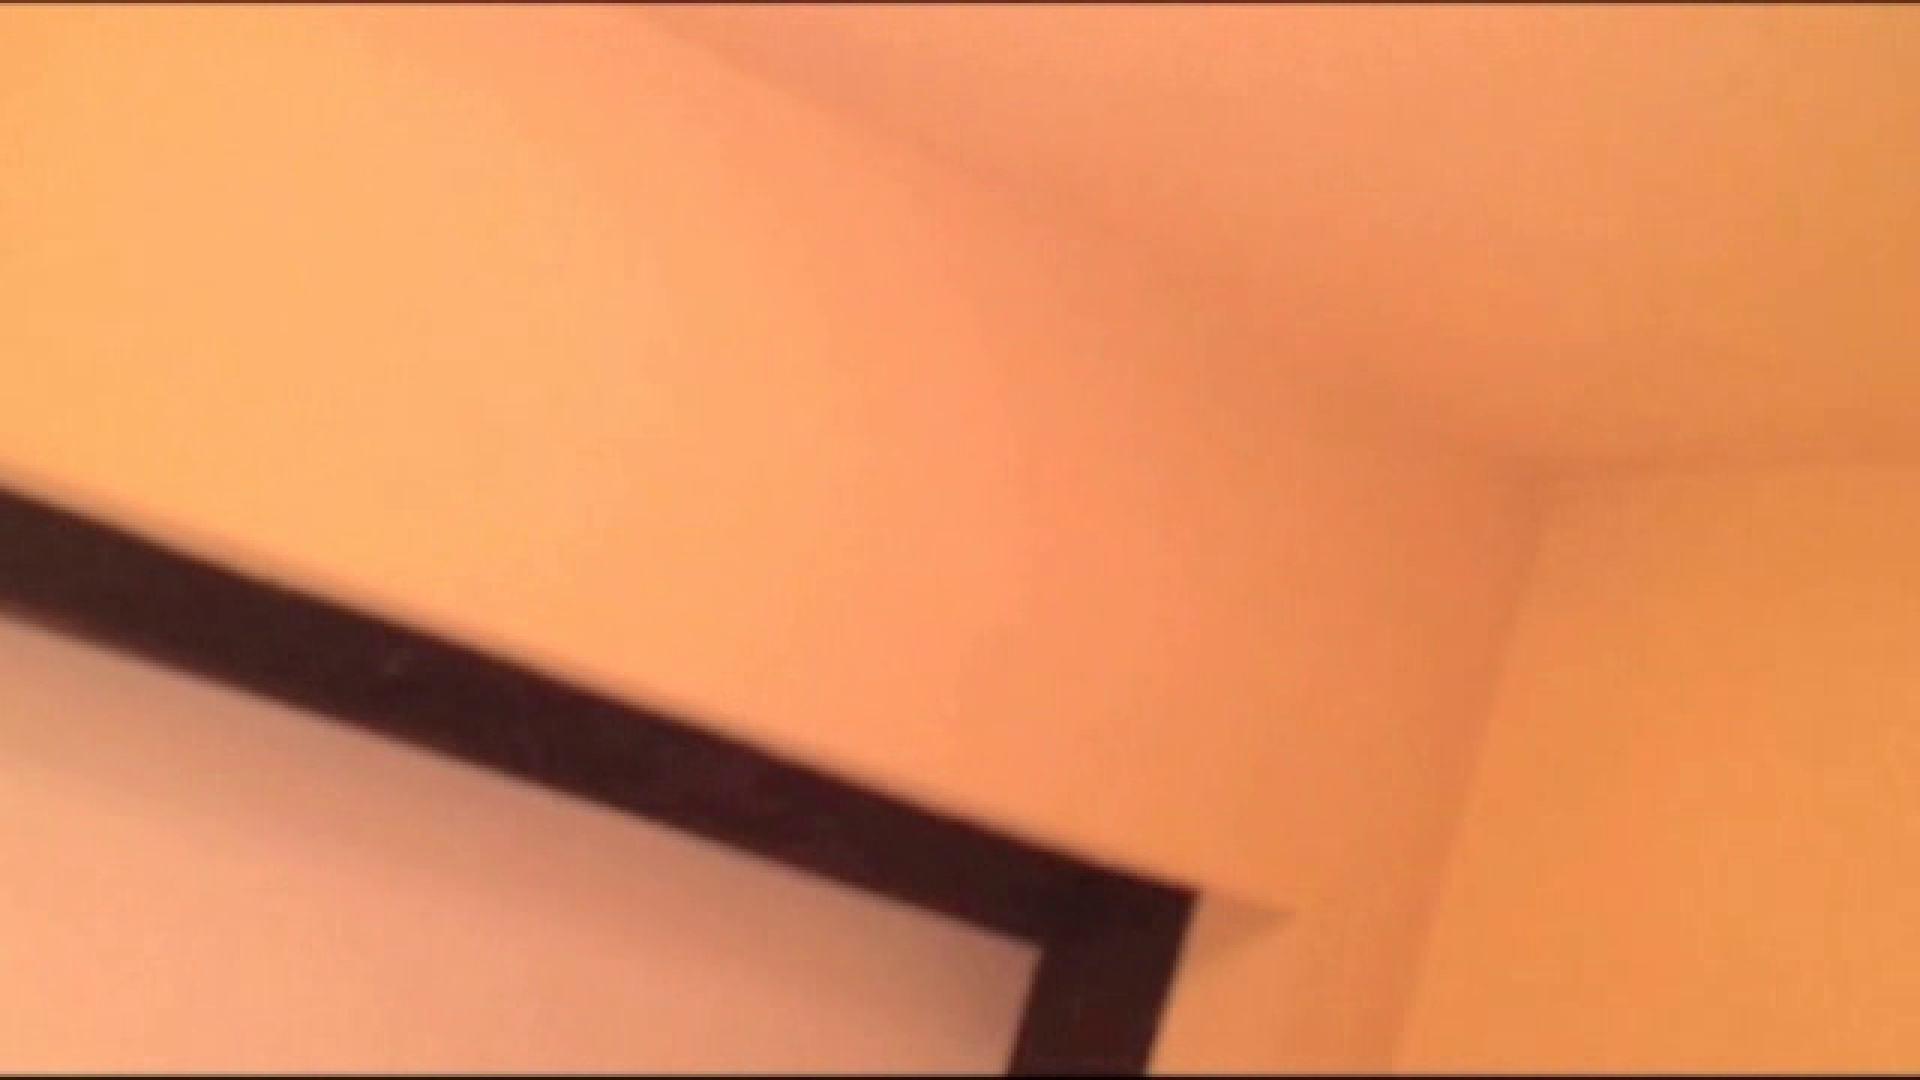 ドラゴン2世 チャラ男の個人撮影 Vol.06 超かわいい彼女 ゆいか 18才 Part.03 ついにハメ撮り ホテル潜入 | 美少女ヌード  99pic 47